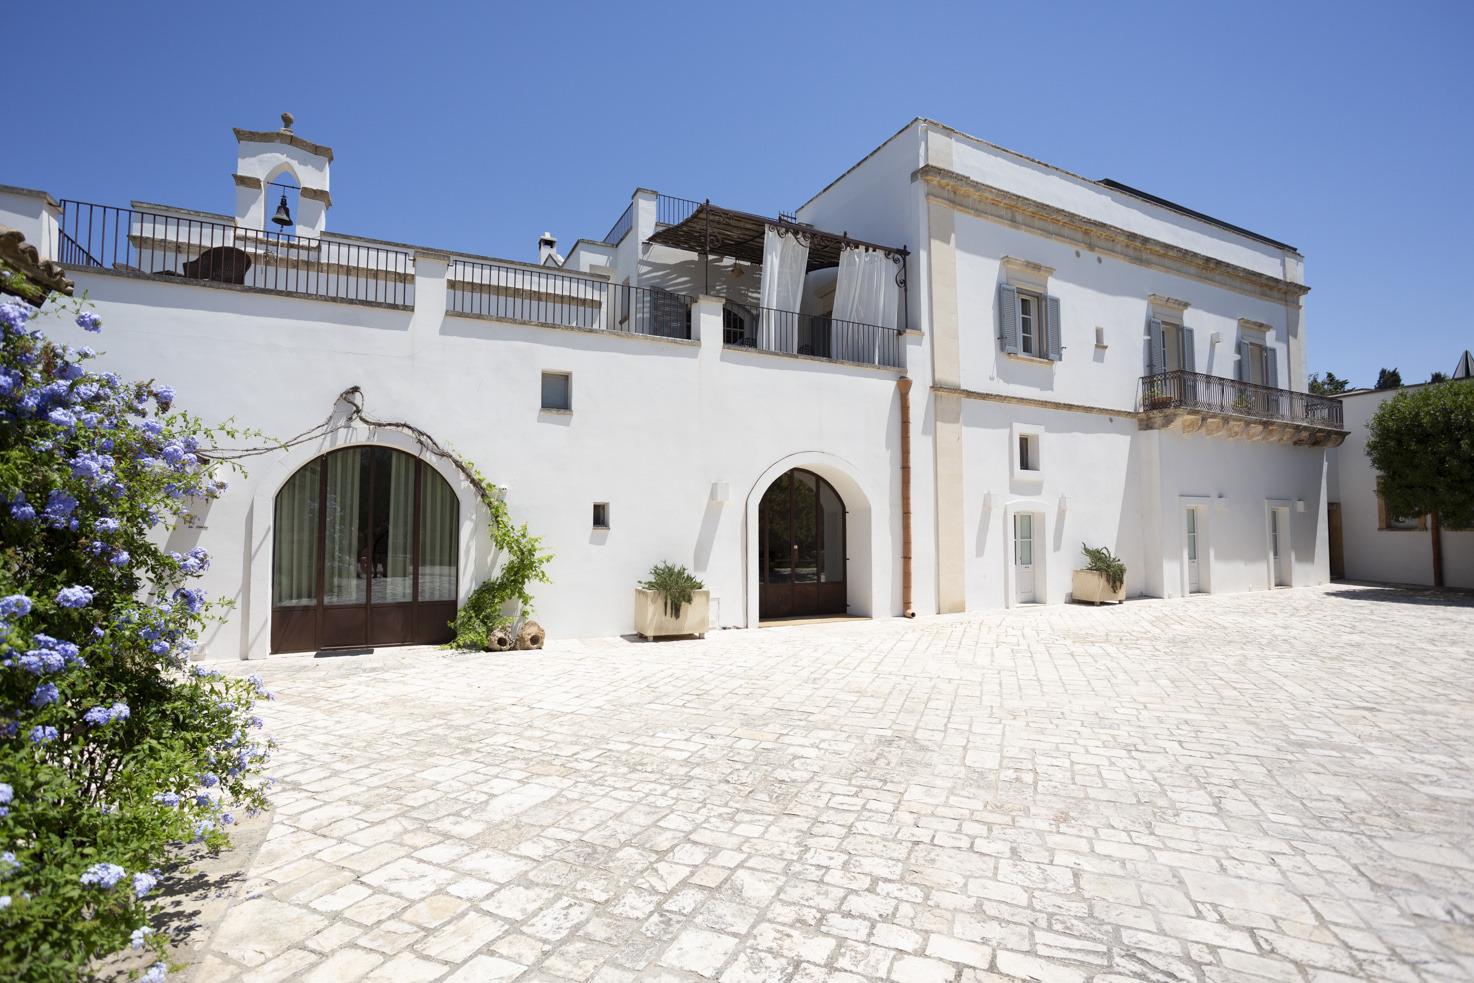 Exterior of Masseria Borgo Mortella